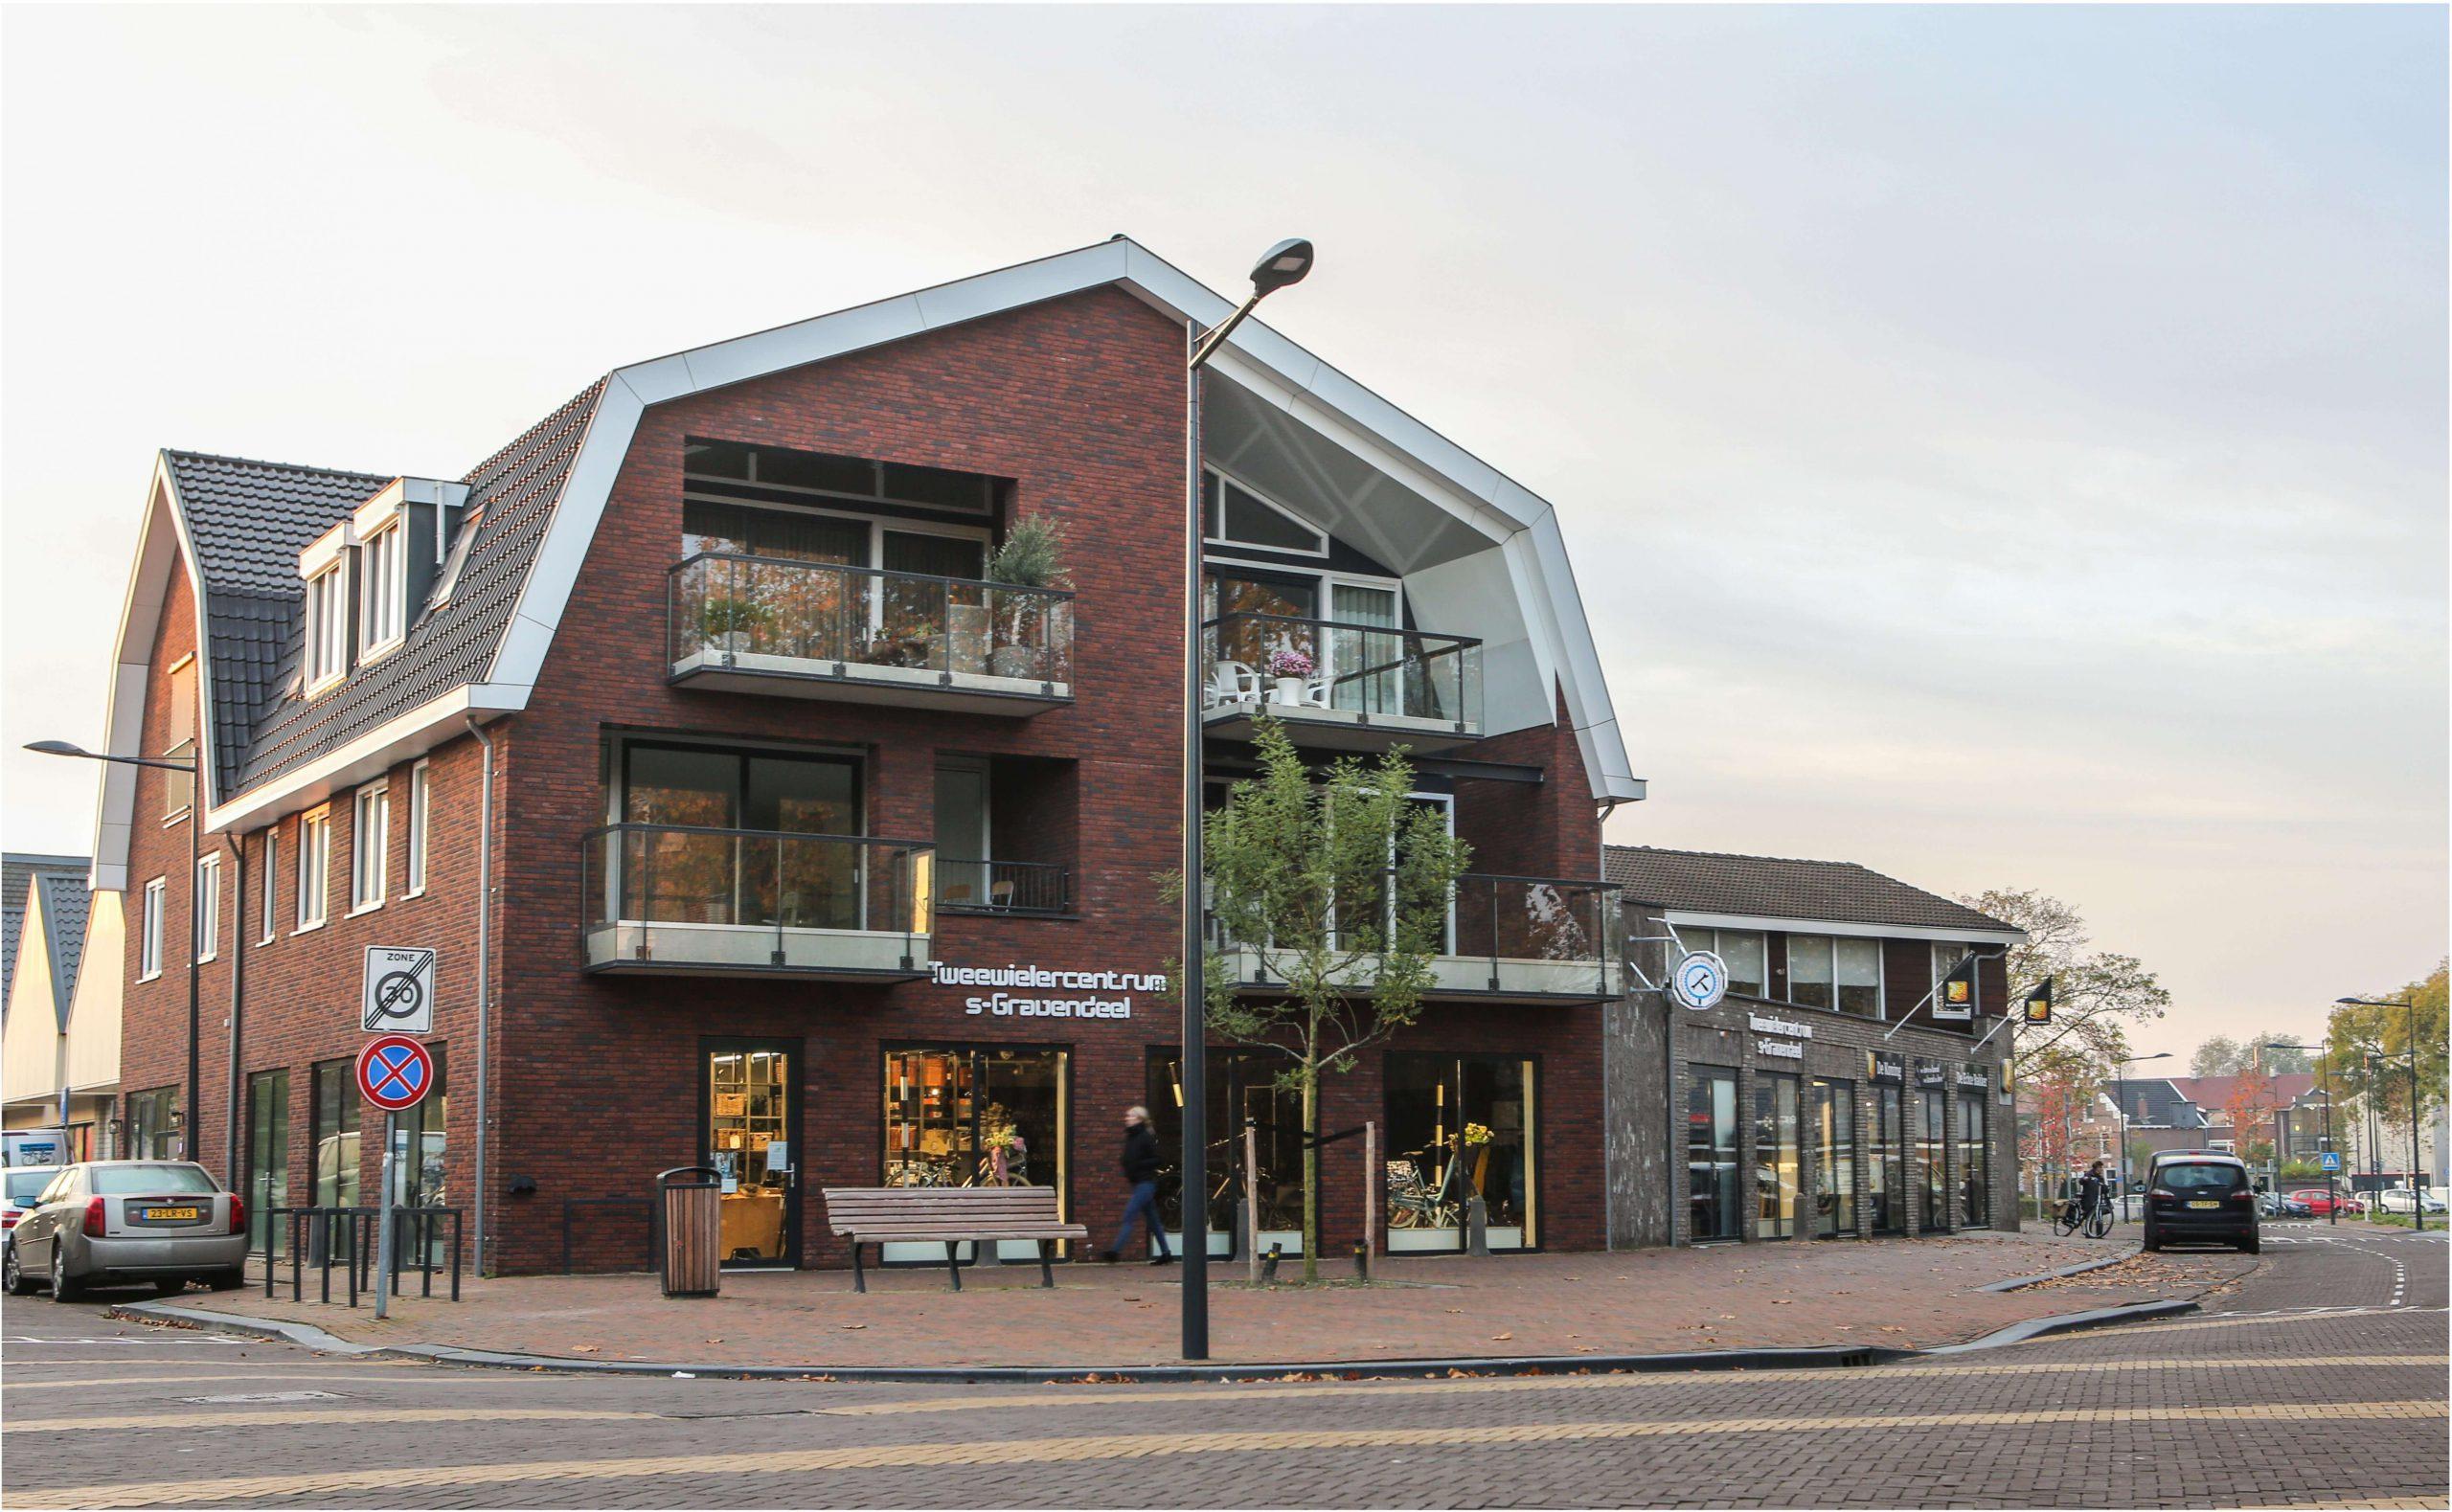 appartementen/winkels 's-Gravendeel